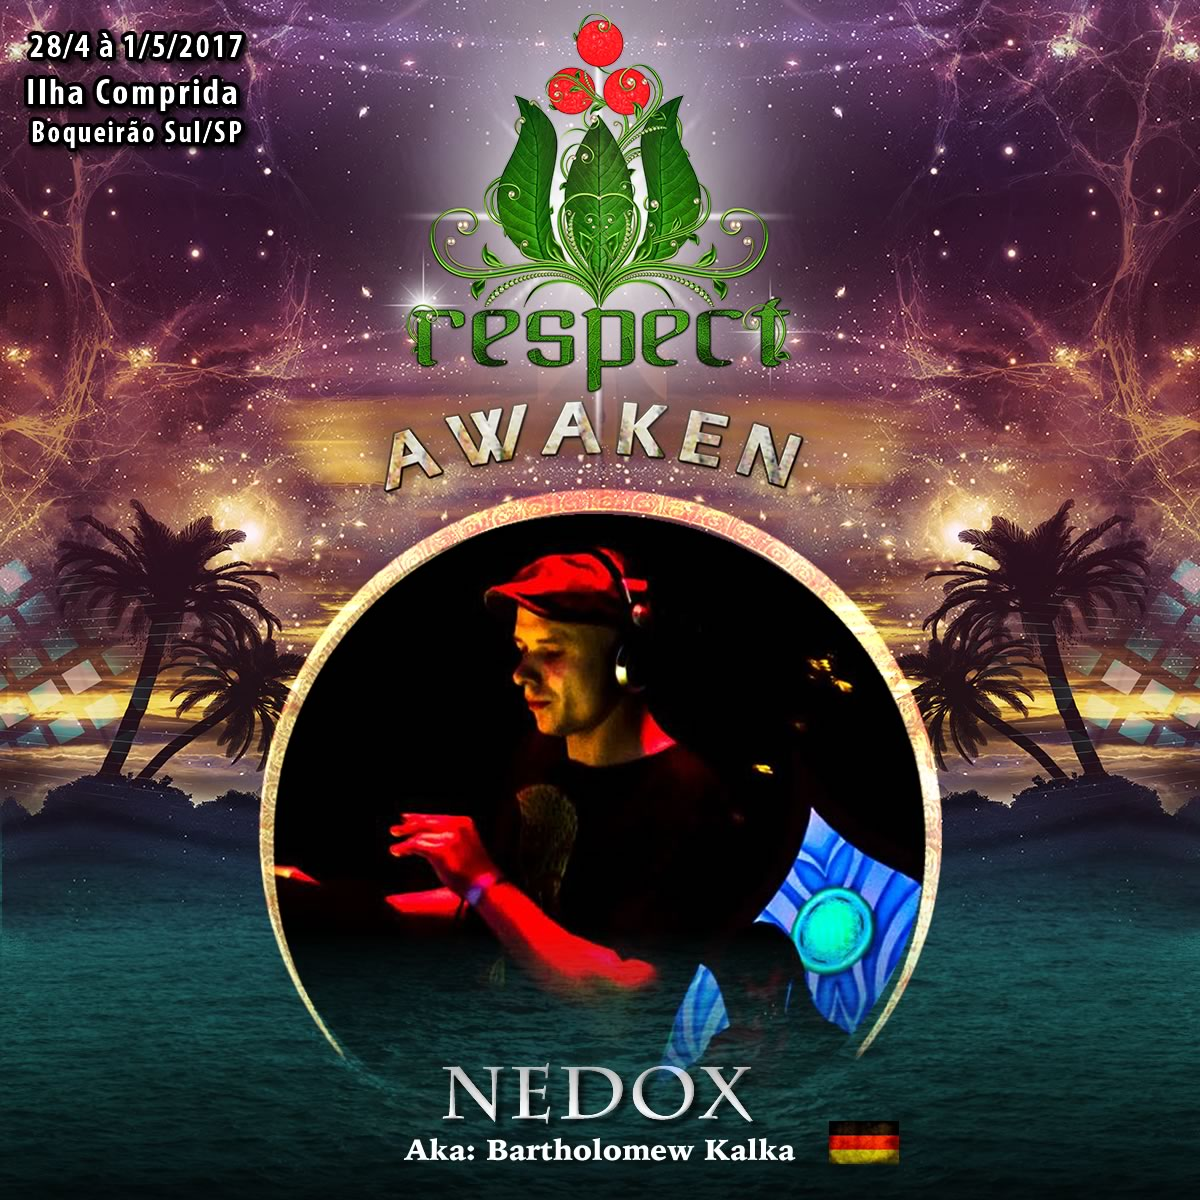 Nedox @ Respect Awaken 2017